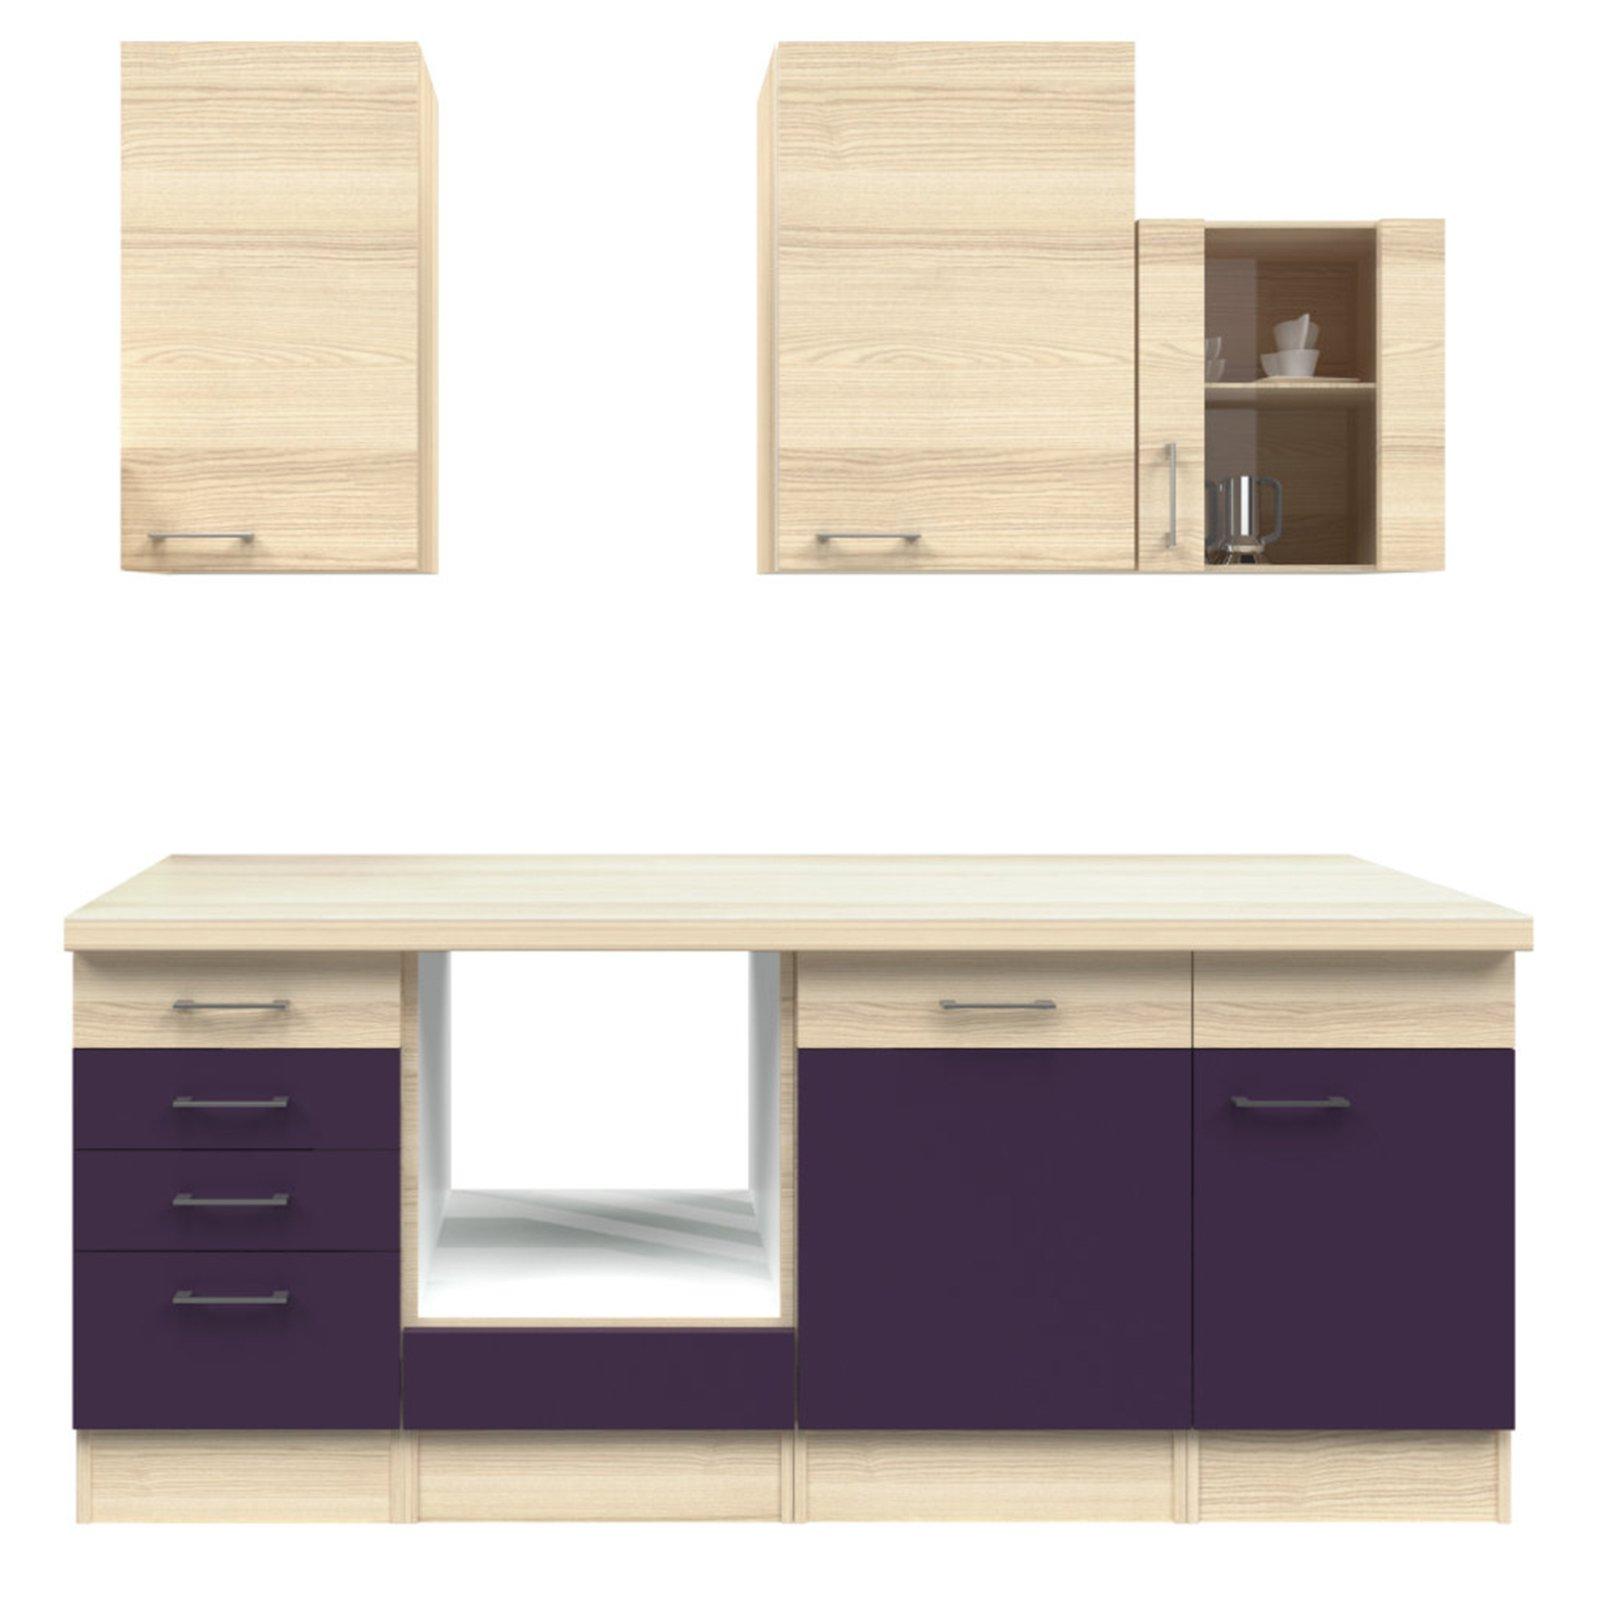 k chenblock focus akazie aubergine 220 cm k chenzeilen ohne e ger te k chenzeilen. Black Bedroom Furniture Sets. Home Design Ideas